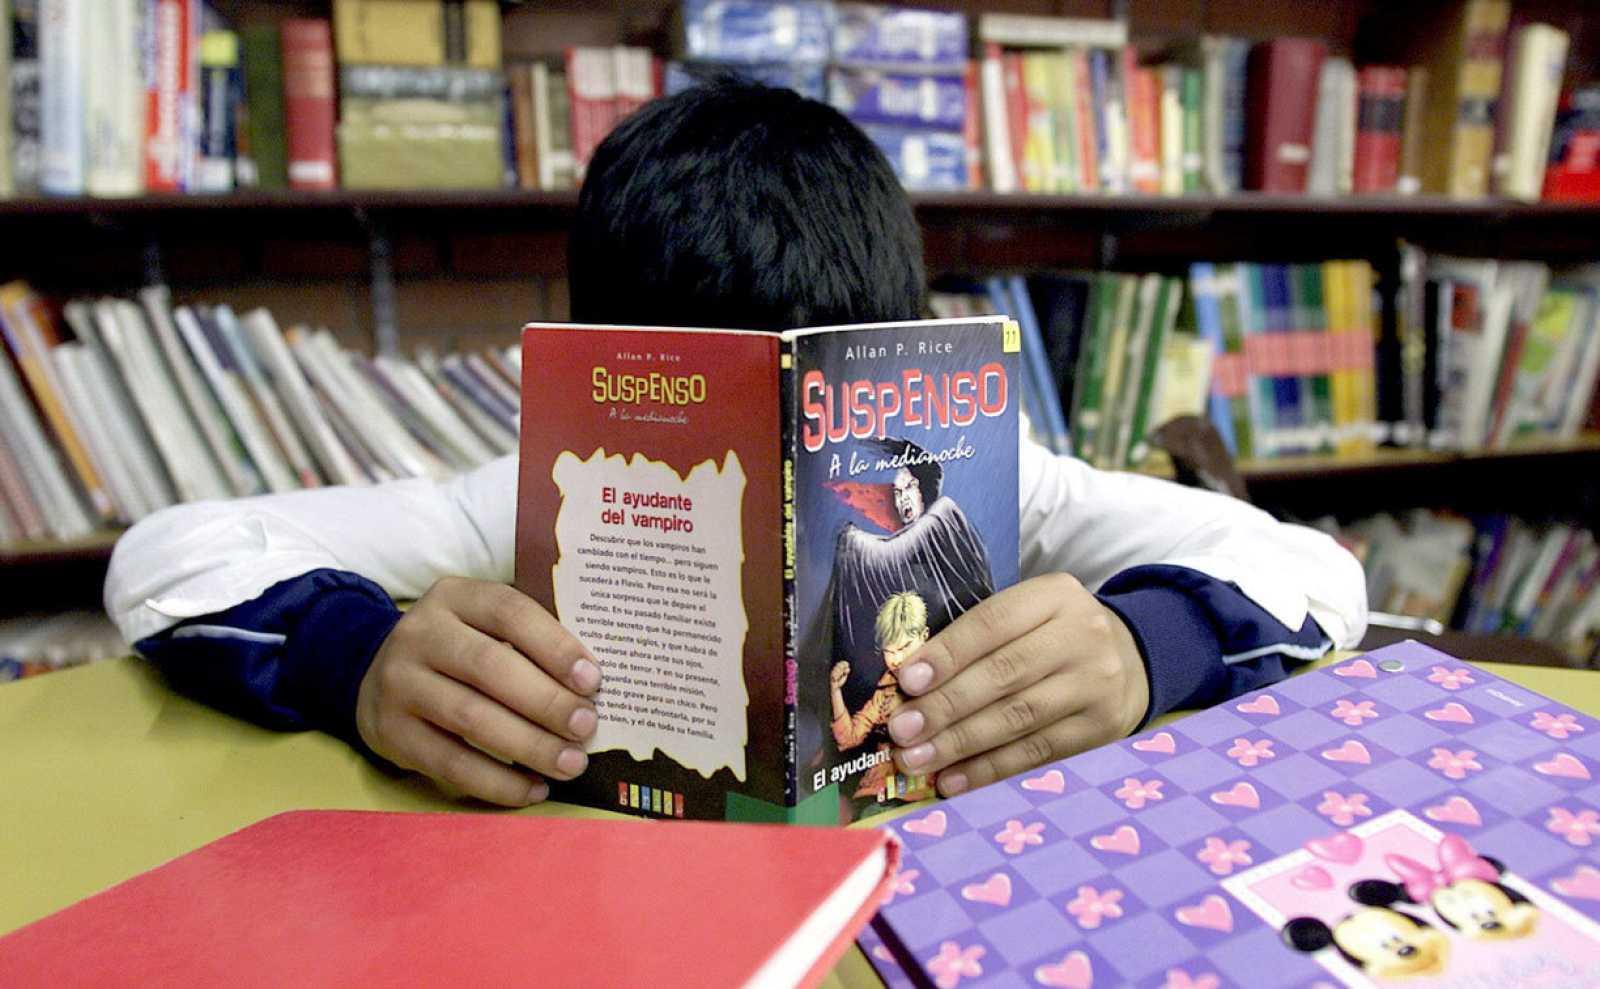 """Un niño lee en una biblioteca un libro titulado """"Suspenso"""""""